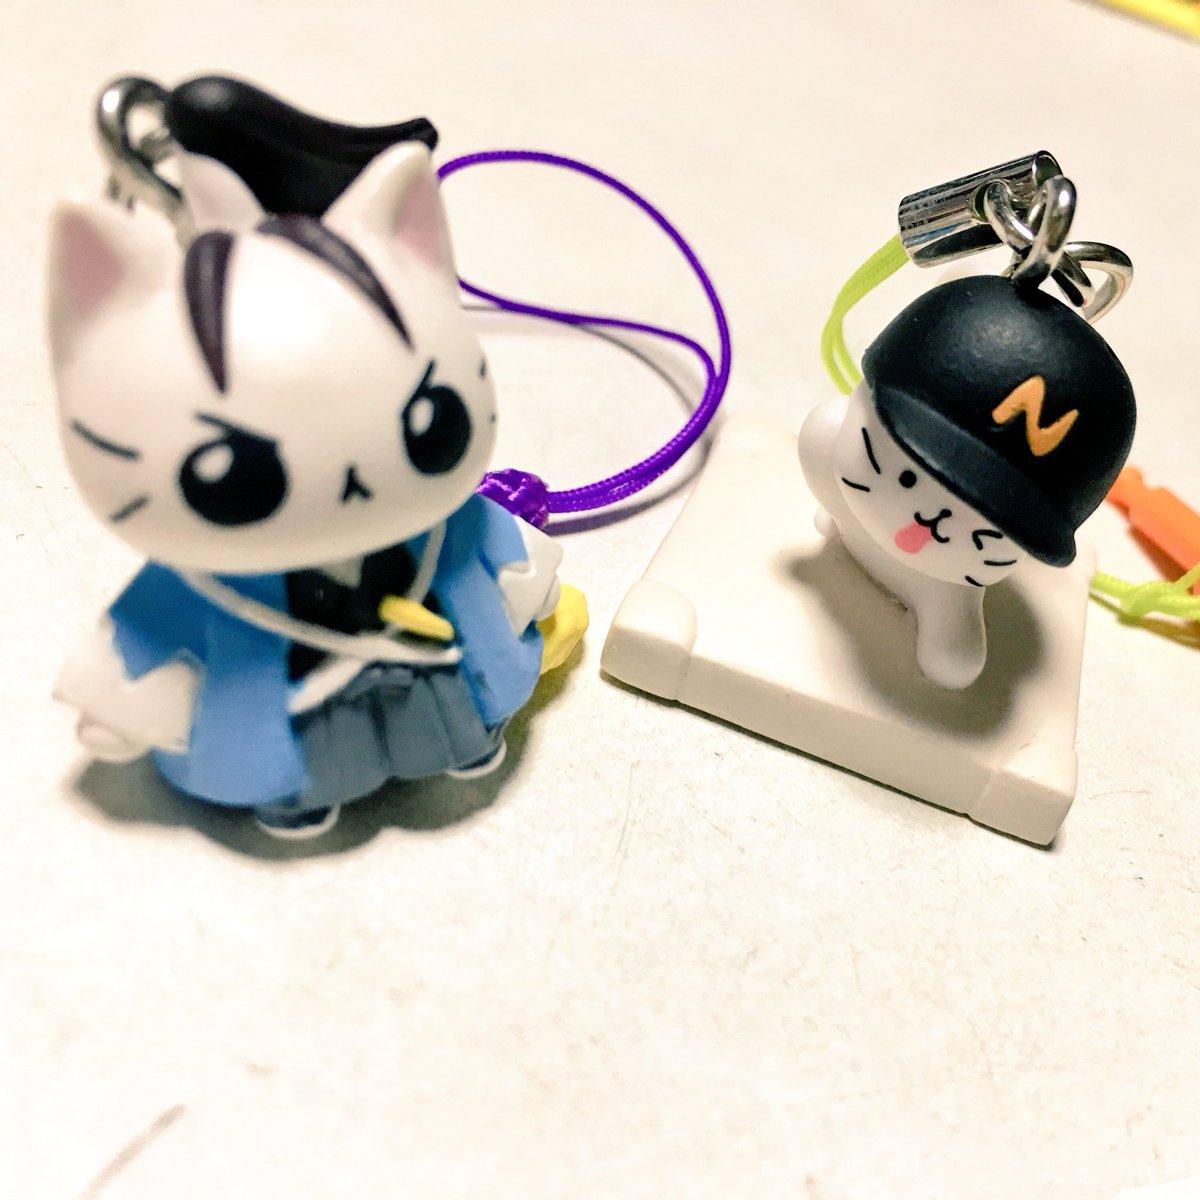 沖田にゃんとみーたろうちゃわゆいねこねこ日本史は根付😠猫ピッチャーはイヤホンジャックだよ😜